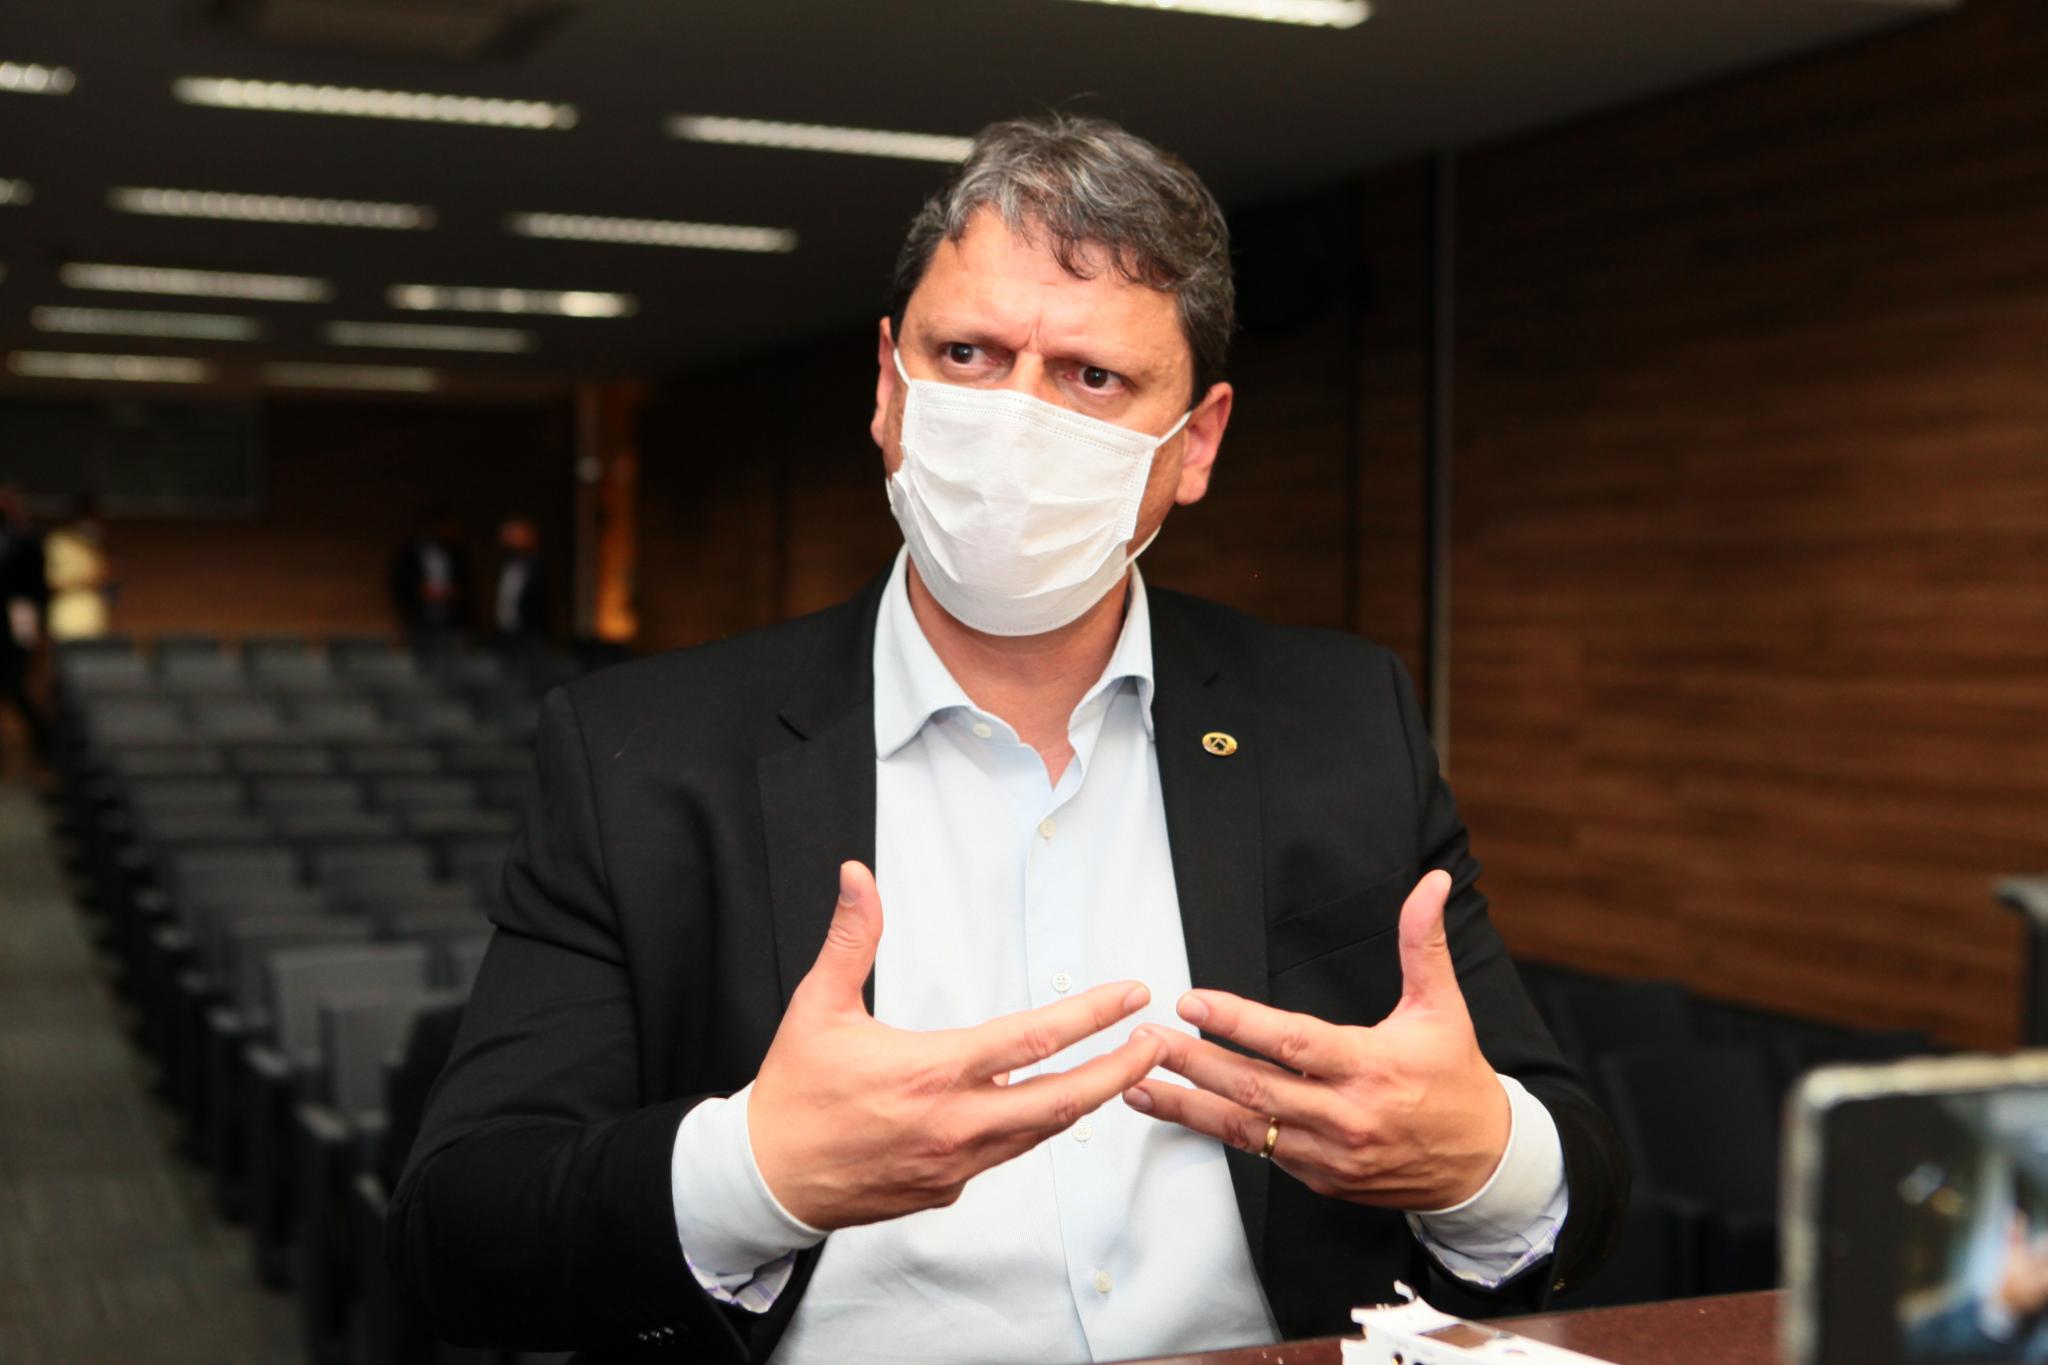 Em nove meses, Tarcísio de Freitas cumpriu seis agendas em Goiás; ministro tem estreitado laços com eleitores do Estado